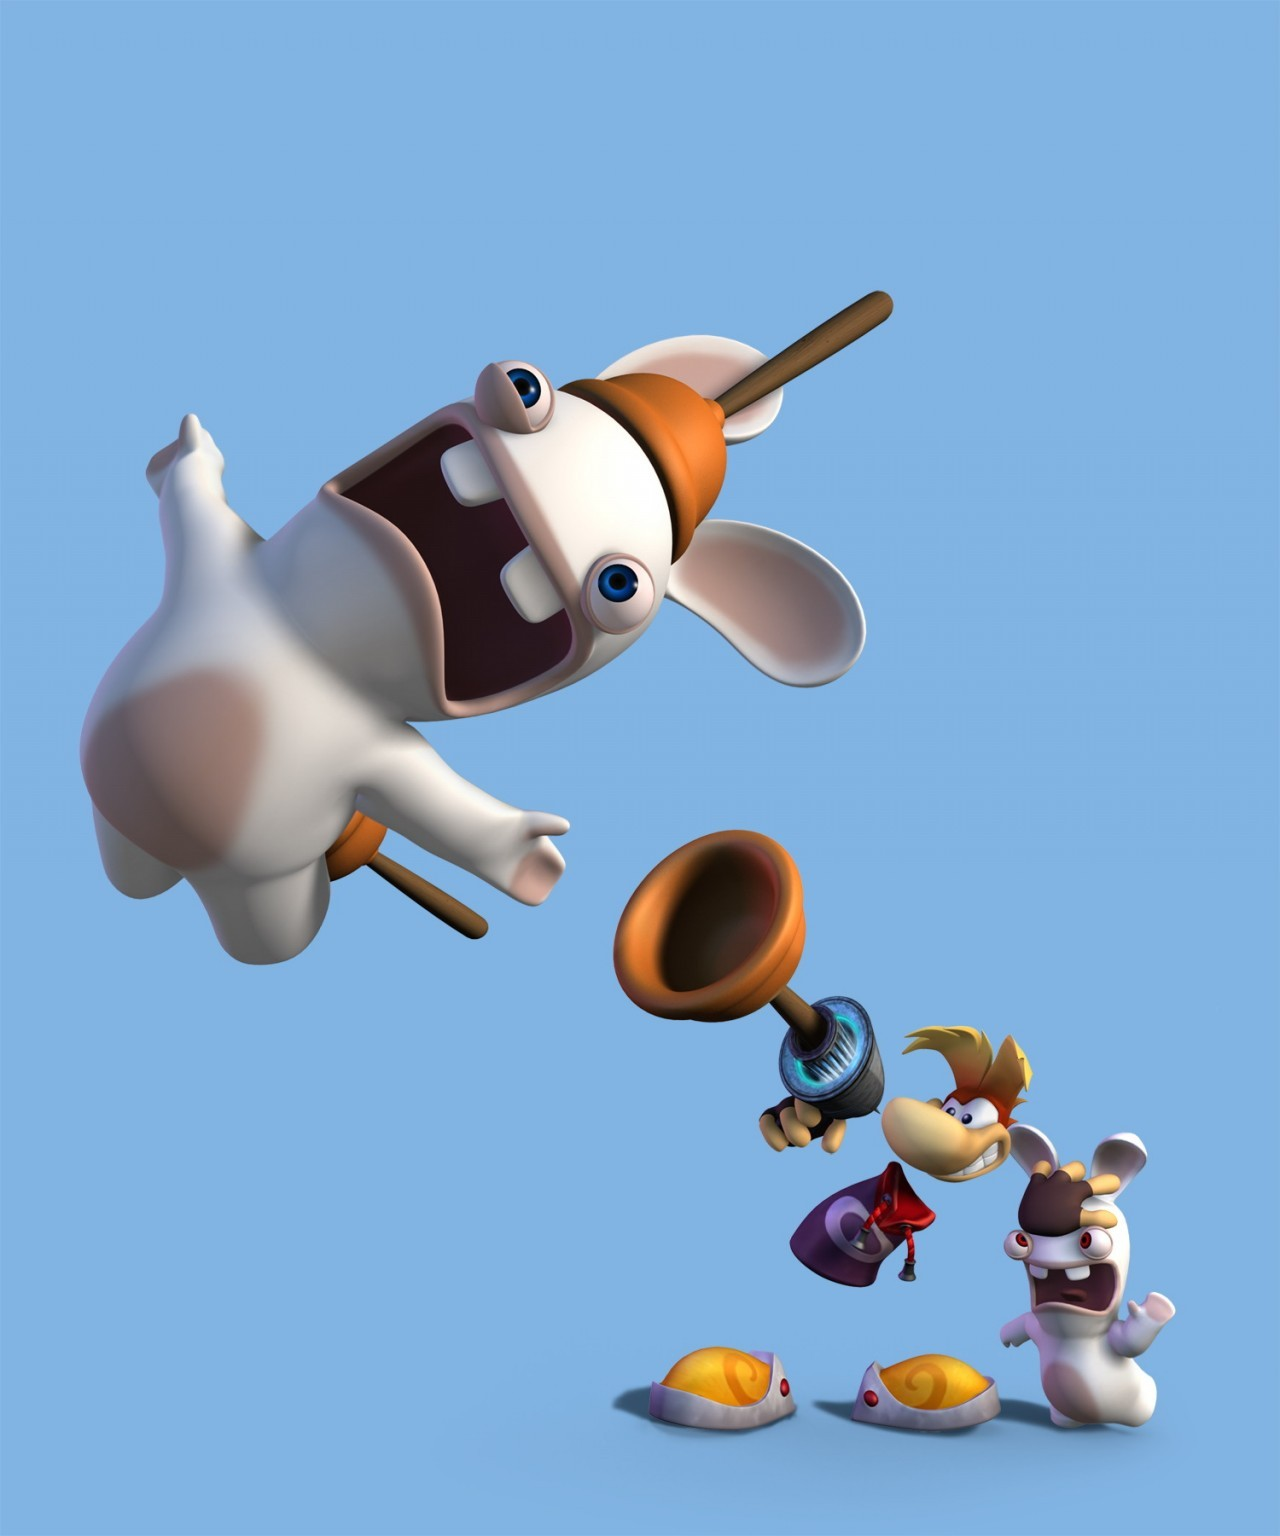 [Jeu] Suite d'images !  Rayman-contre-les-la-4e262d99e17b9